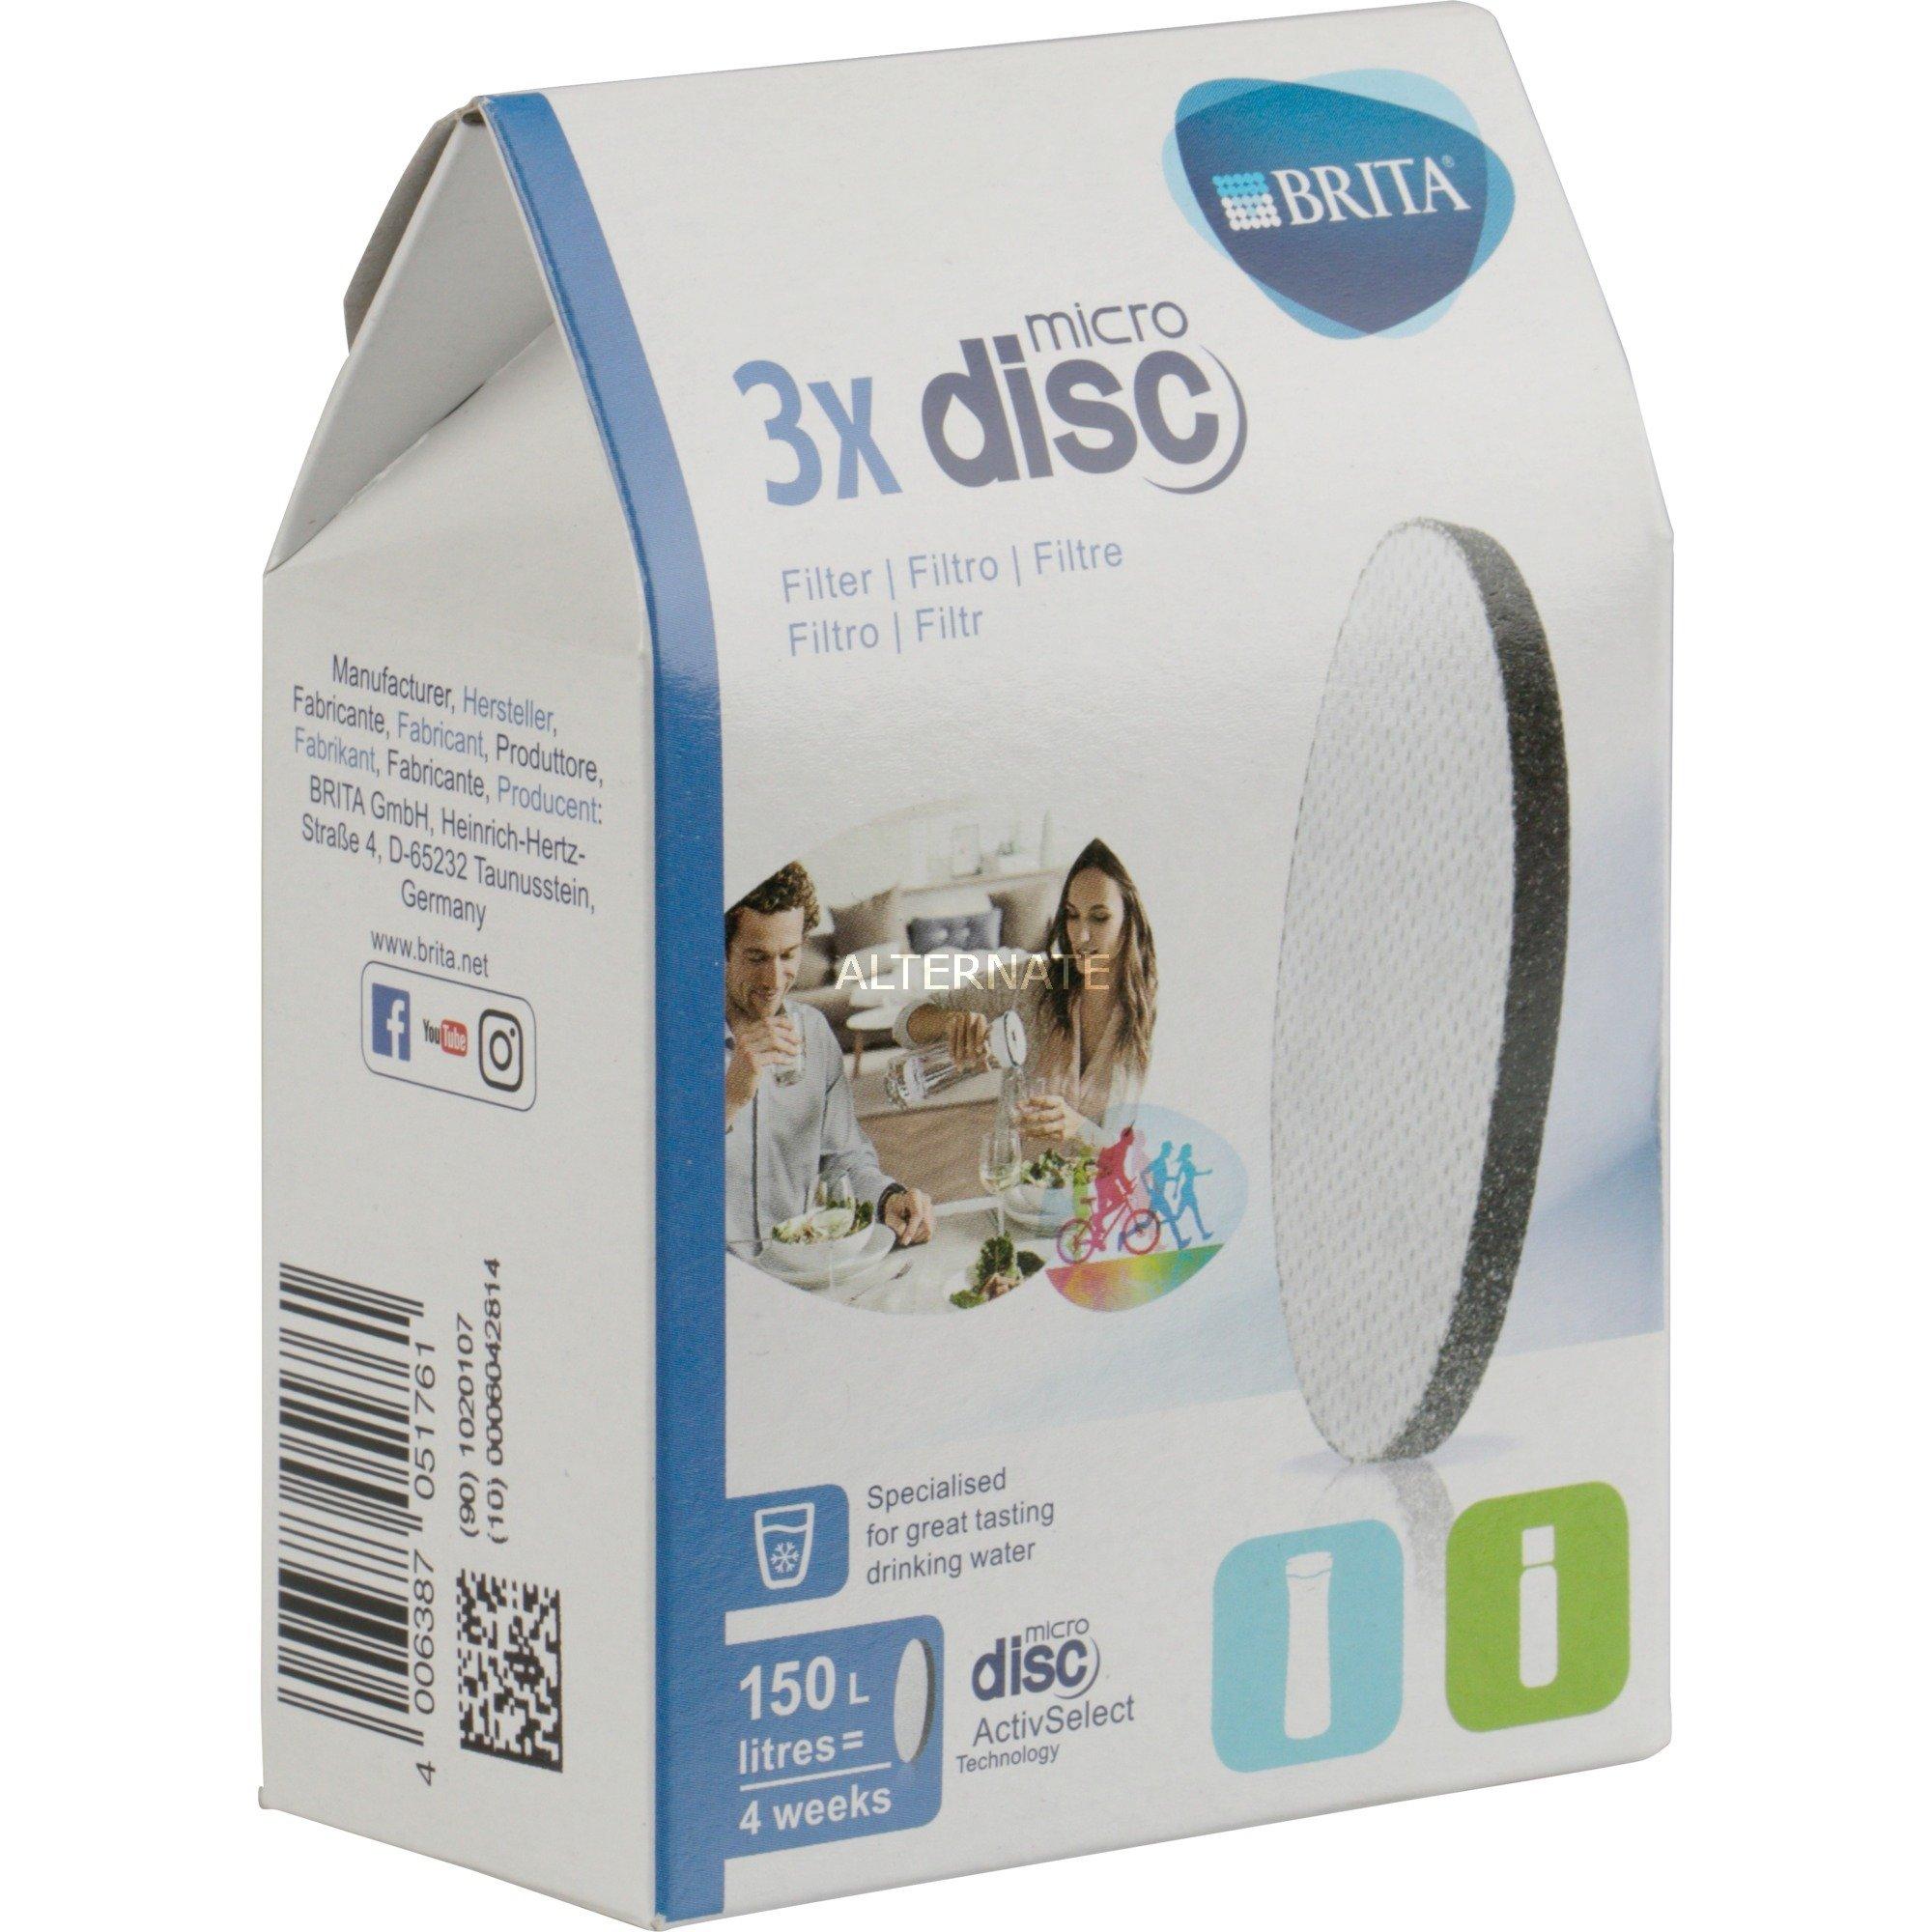 3x MicroDisc Disco 3 pieza(s), Filtro de agua